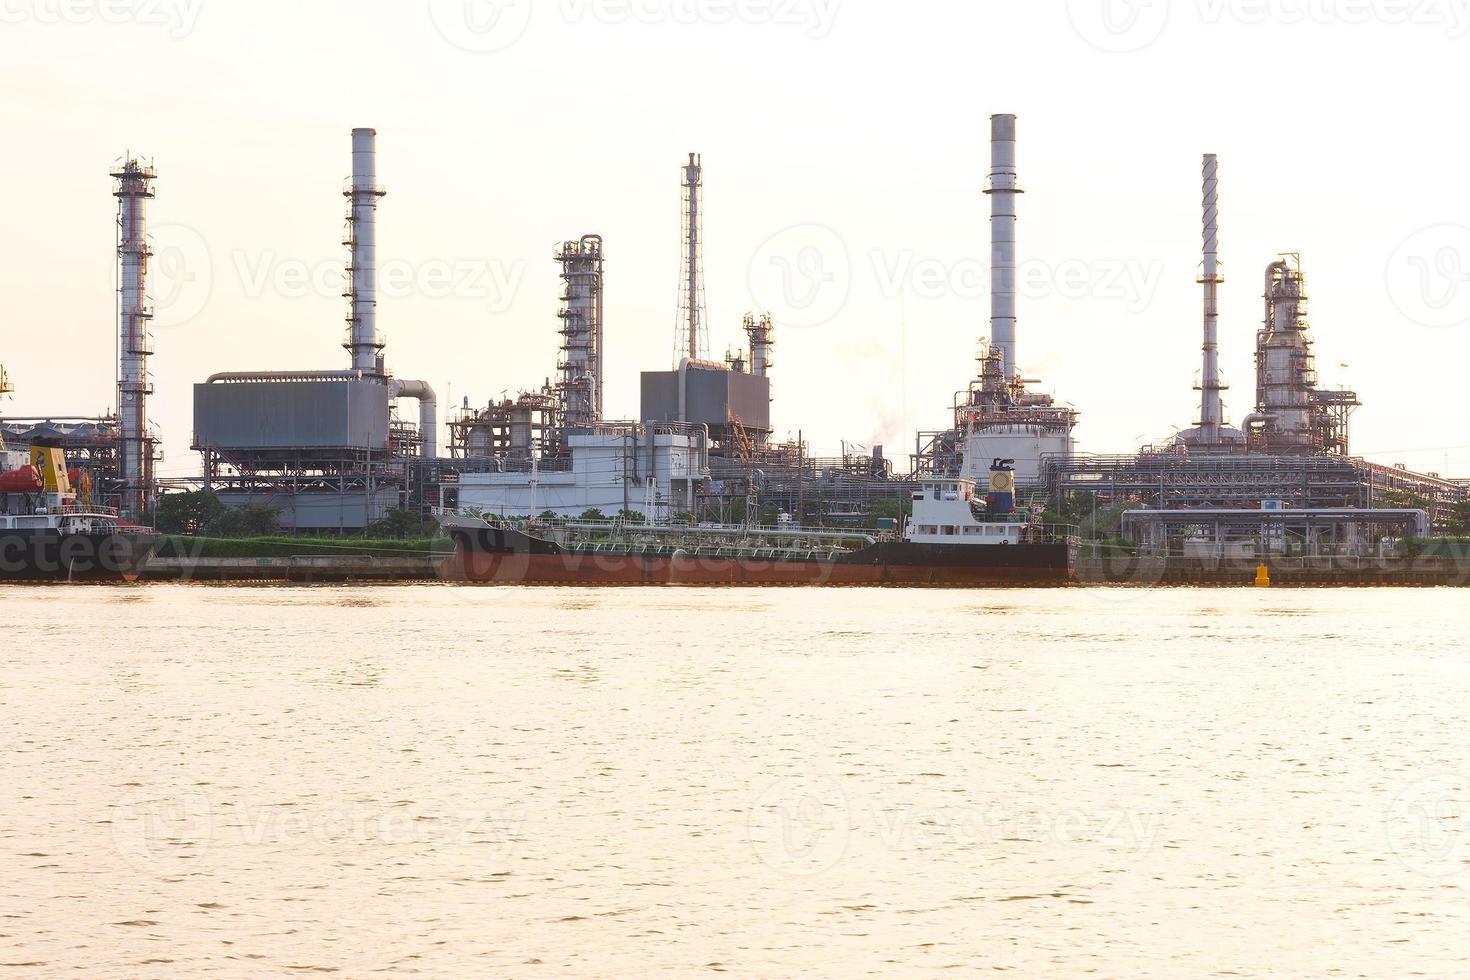 olieraffinaderij met het vrachtschip parkeren bij rivieroever foto